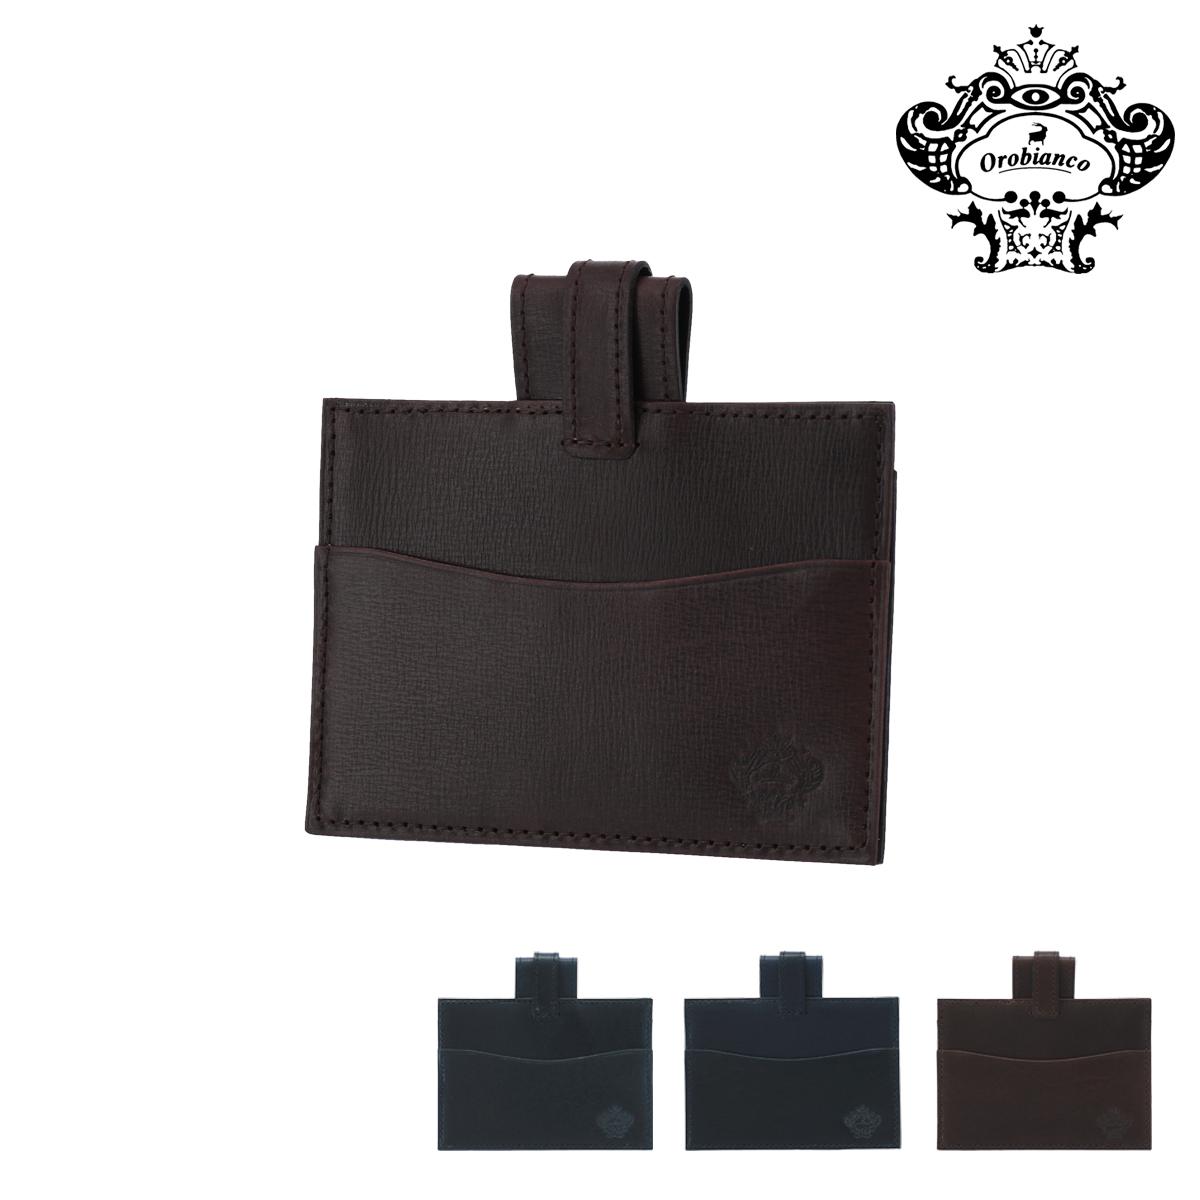 オロビアンコ パスケース ブランド H&L メンズ ORS-061009 日本製 Orobianco   薄型 ICカードケース 定期入れ 牛革 本革 レザー [PO5]